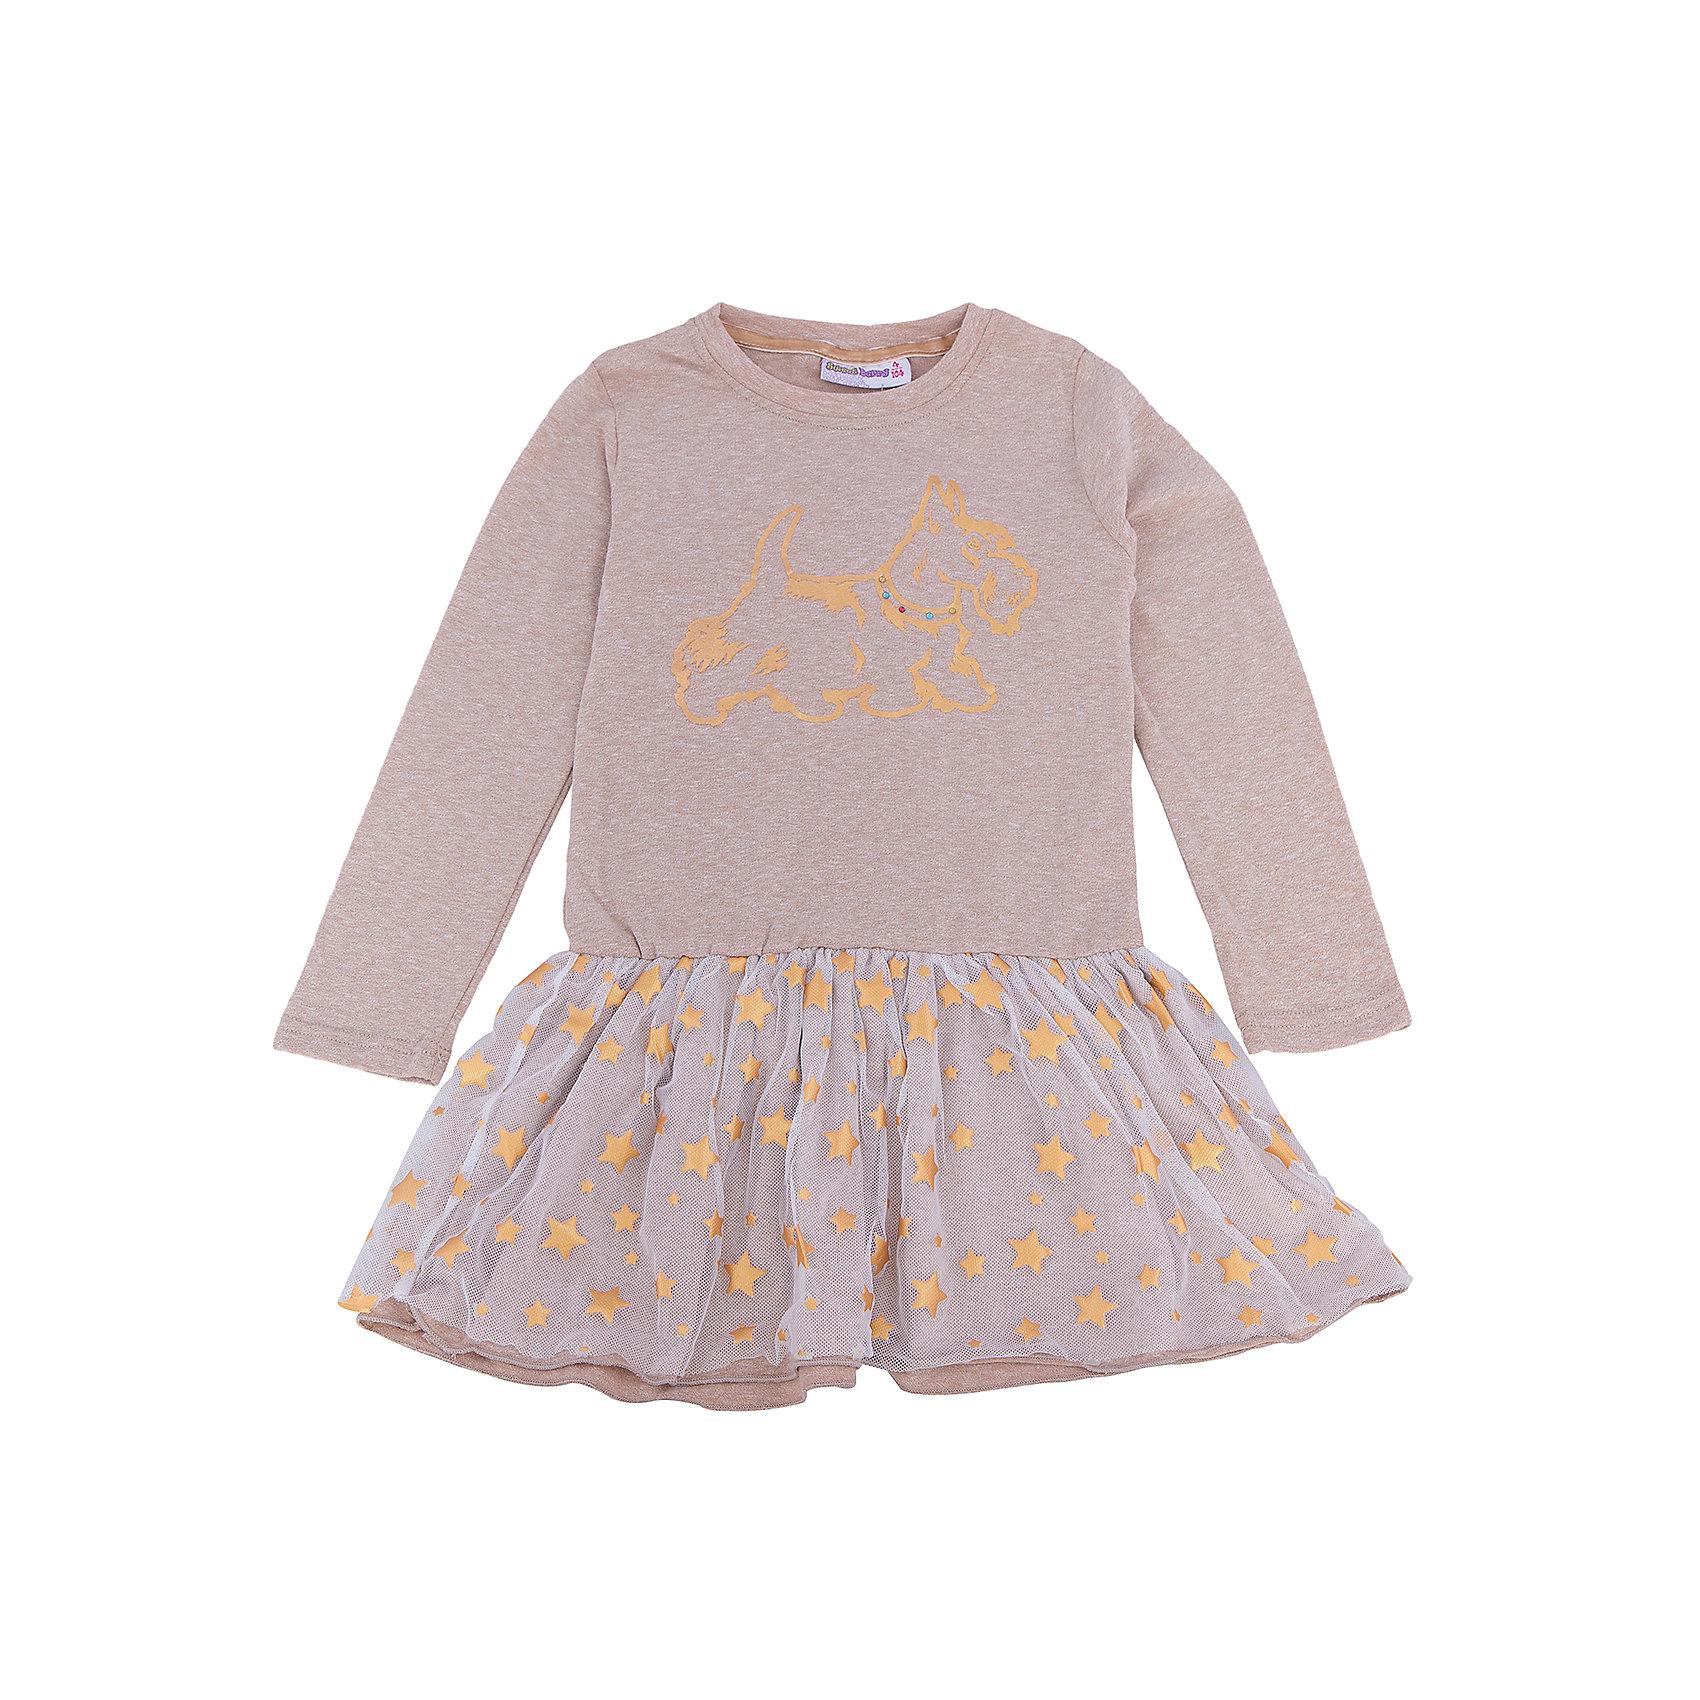 Платье для девочки Sweet BerryПлатья и сарафаны<br>Такое платье отличается модным дизайном с принтом и пышным подолом. Удачный крой обеспечит ребенку комфорт и тепло. Плотный материал делает вещь идеальной для прохладной погоды. Она хорошо прилегает к телу там, где нужно, и отлично сидит по фигуре. Натуральный хлопок всоставе материала обеспечит коже возможность дышать и не вызовет аллергии.<br>Одежда от бренда Sweet Berry - это простой и выгодный способ одеть ребенка удобно и стильно. Всё изделия тщательно проработаны: швы - прочные, материал - качественный, фурнитура - подобранная специально для детей.<br><br>Дополнительная информация:<br><br>цвет: бежевый;<br>состав: трикотаж -75% хлопок, 20% вискоза, 5% эластан;<br>декорировано принтом и юбкой из сетки с золотыми звездами.<br><br>Платье для девочки от бренда Sweet Berry можно купить в нашем интернет-магазине.<br><br>Ширина мм: 236<br>Глубина мм: 16<br>Высота мм: 184<br>Вес г: 177<br>Цвет: бежевый<br>Возраст от месяцев: 72<br>Возраст до месяцев: 84<br>Пол: Женский<br>Возраст: Детский<br>Размер: 122,98,104,110,116,128<br>SKU: 4931497